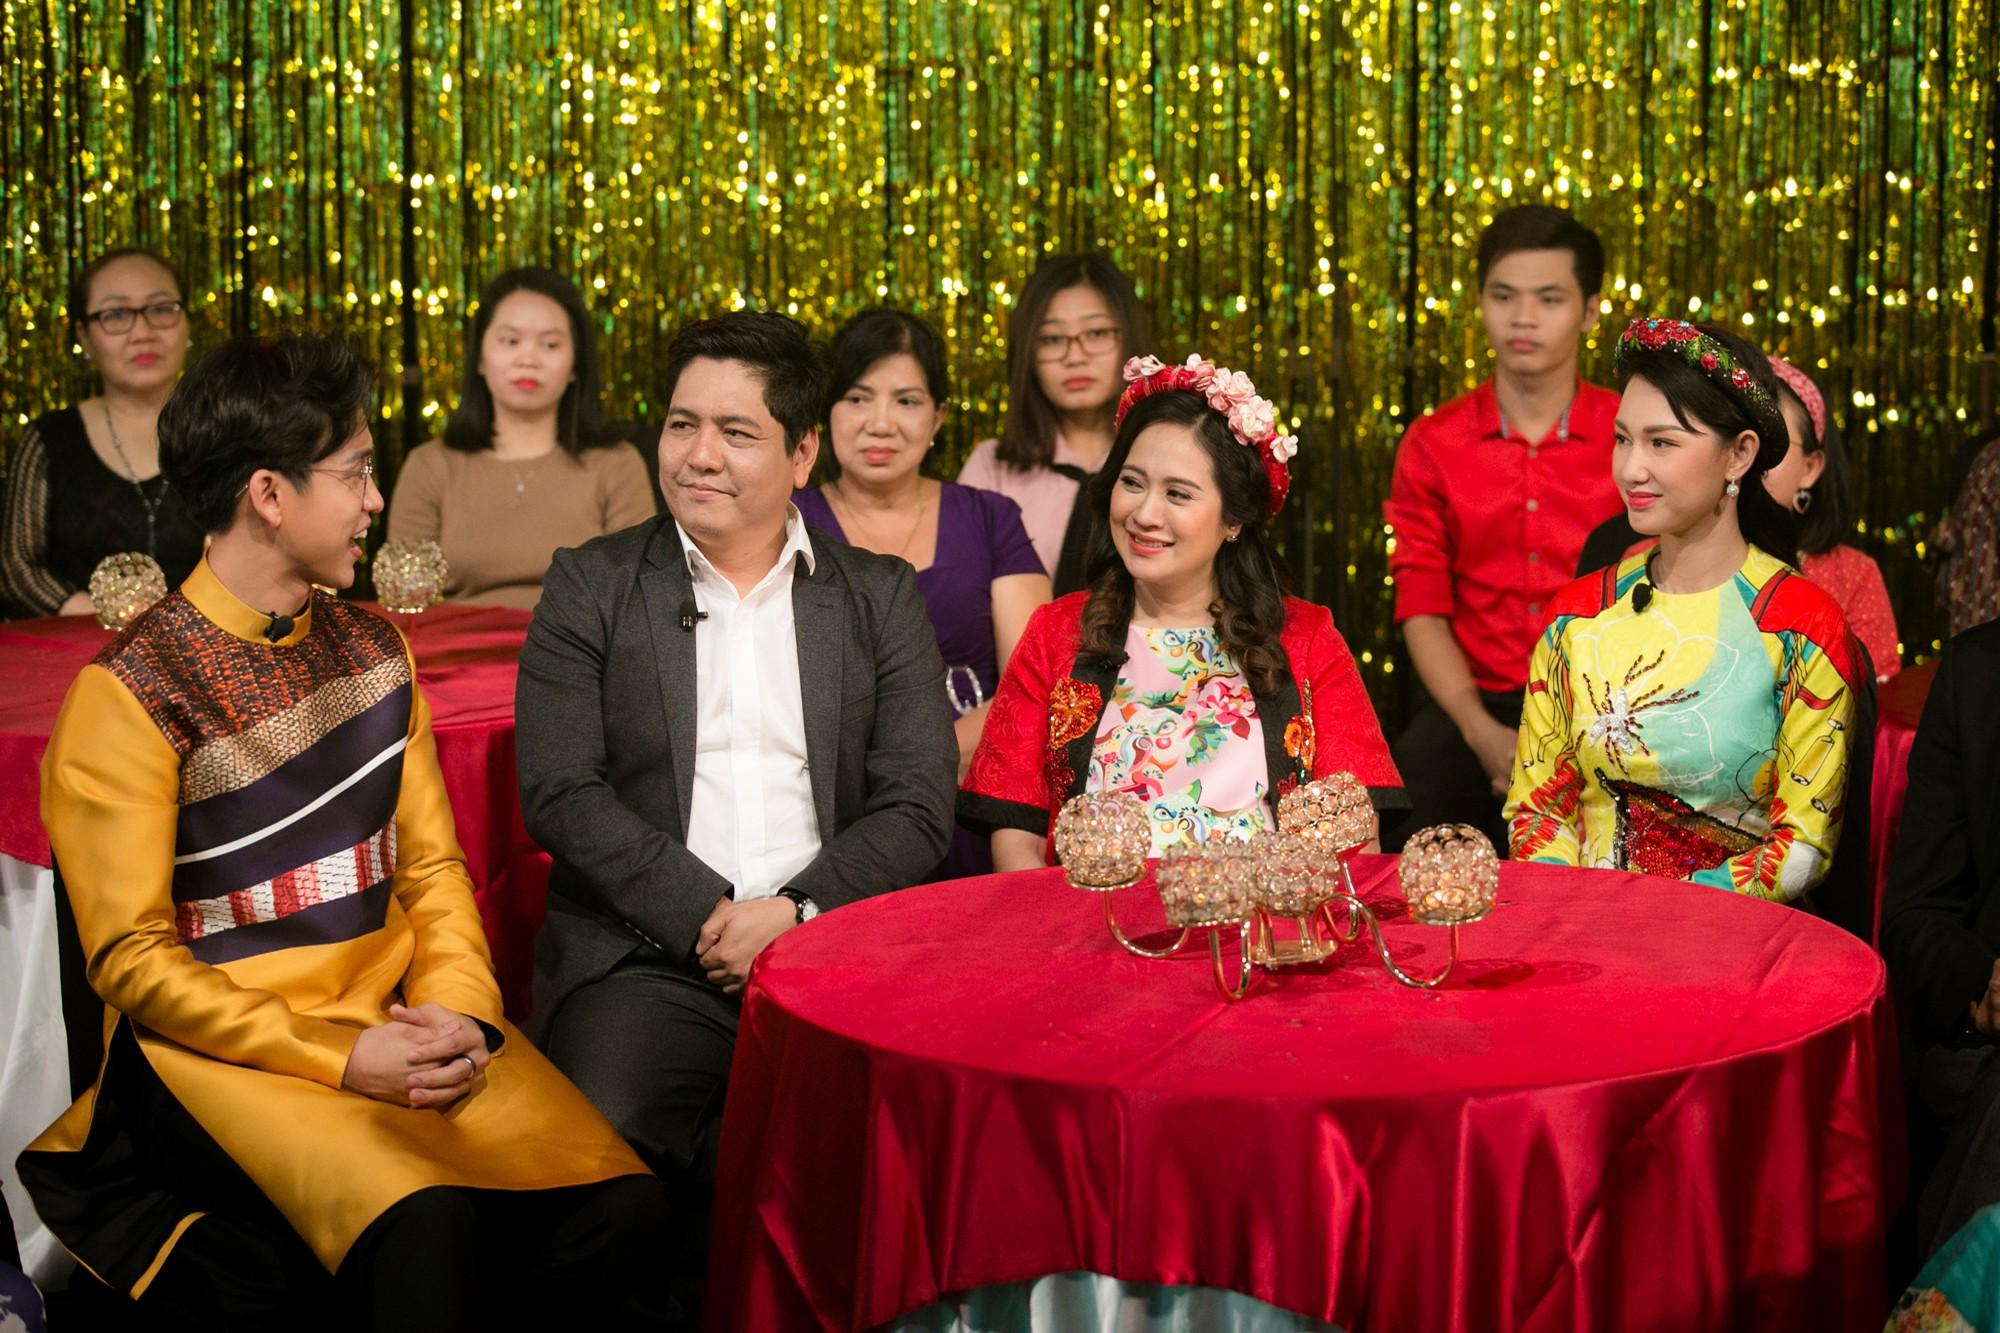 Hồ Ngọc Hà, Noo Phước Thịnh cùng hơn 30 nghệ sĩ Vpop đồng loạt quy tụ trong chương trình nhạc Xuân rộn ràng - Ảnh 15.